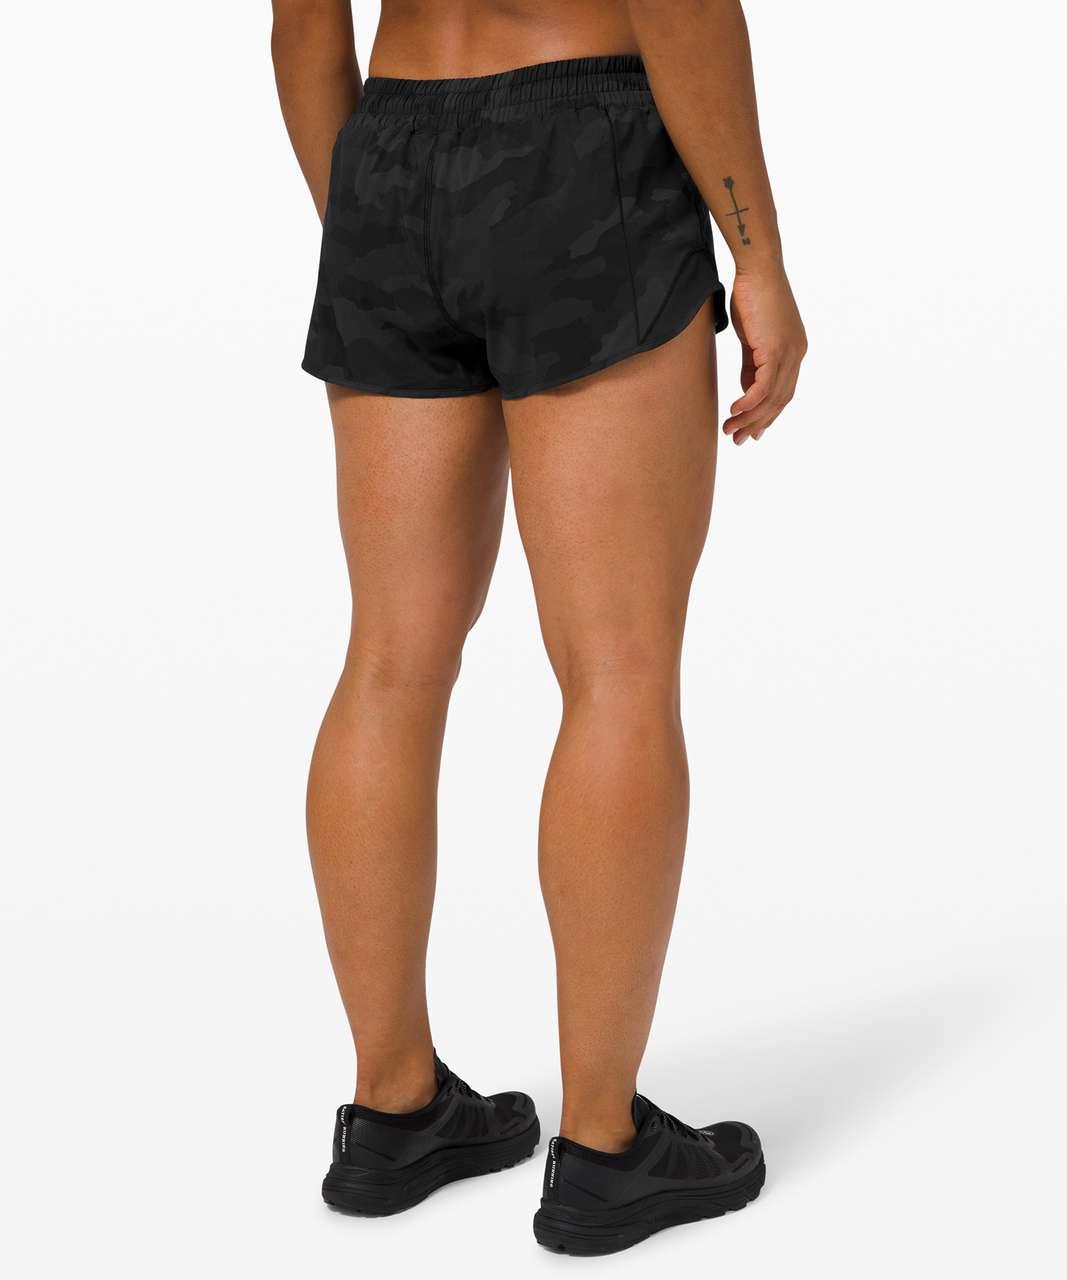 """Lululemon Hotty Hot Short II *2.5"""" - Heritage 365 Camo Deep Coal Multi / Black"""